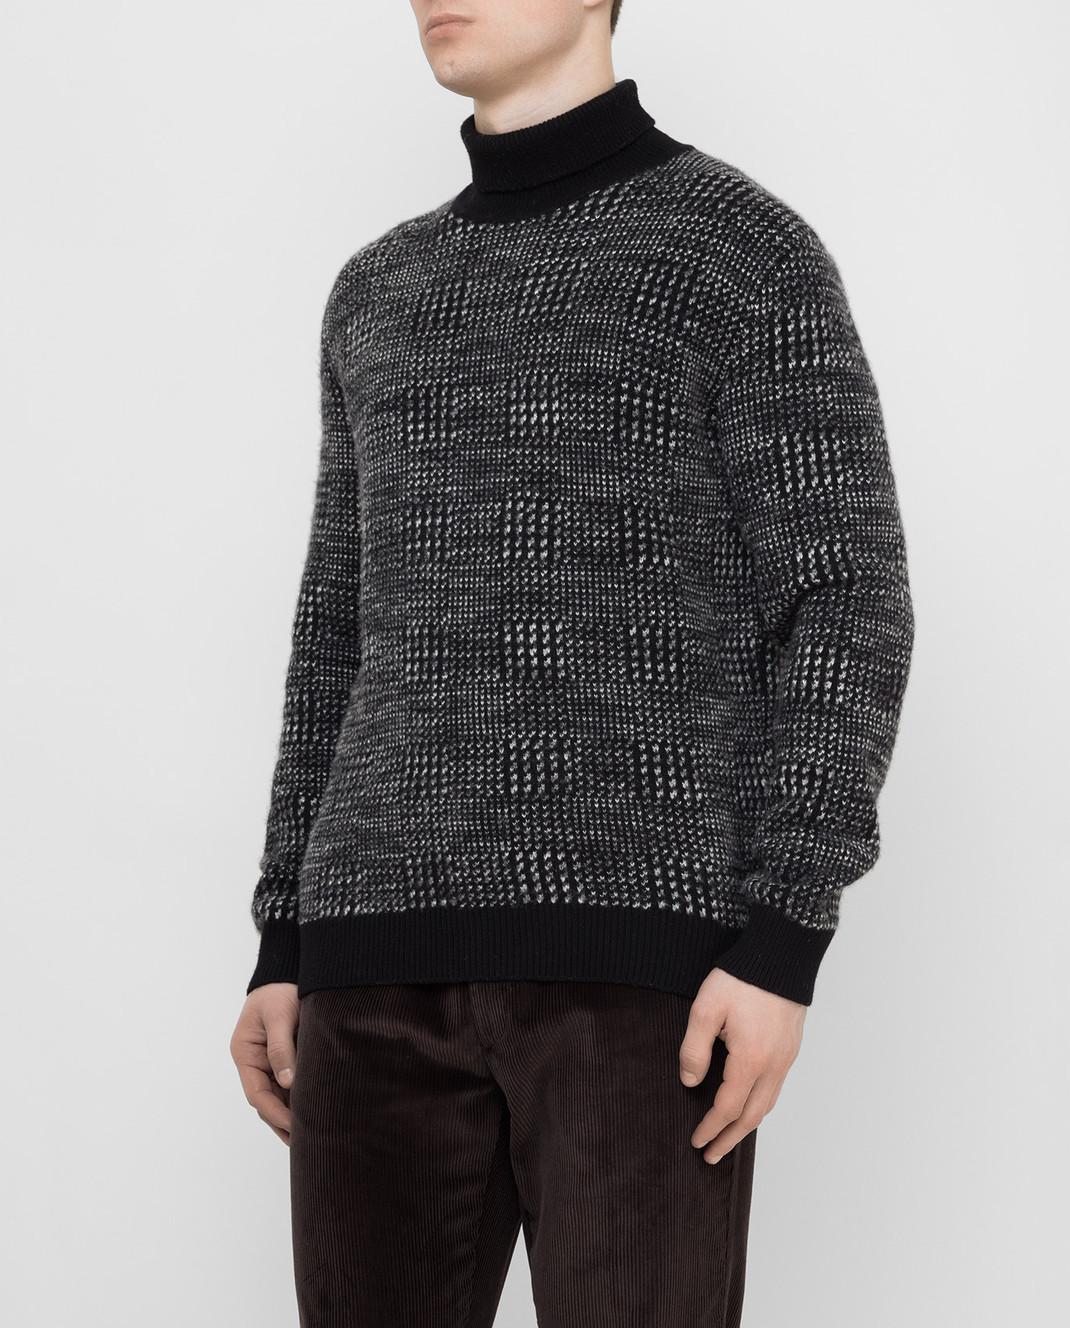 Ermenegildo Zegna Черный свитер из кашемира и шелка URH85120 изображение 3